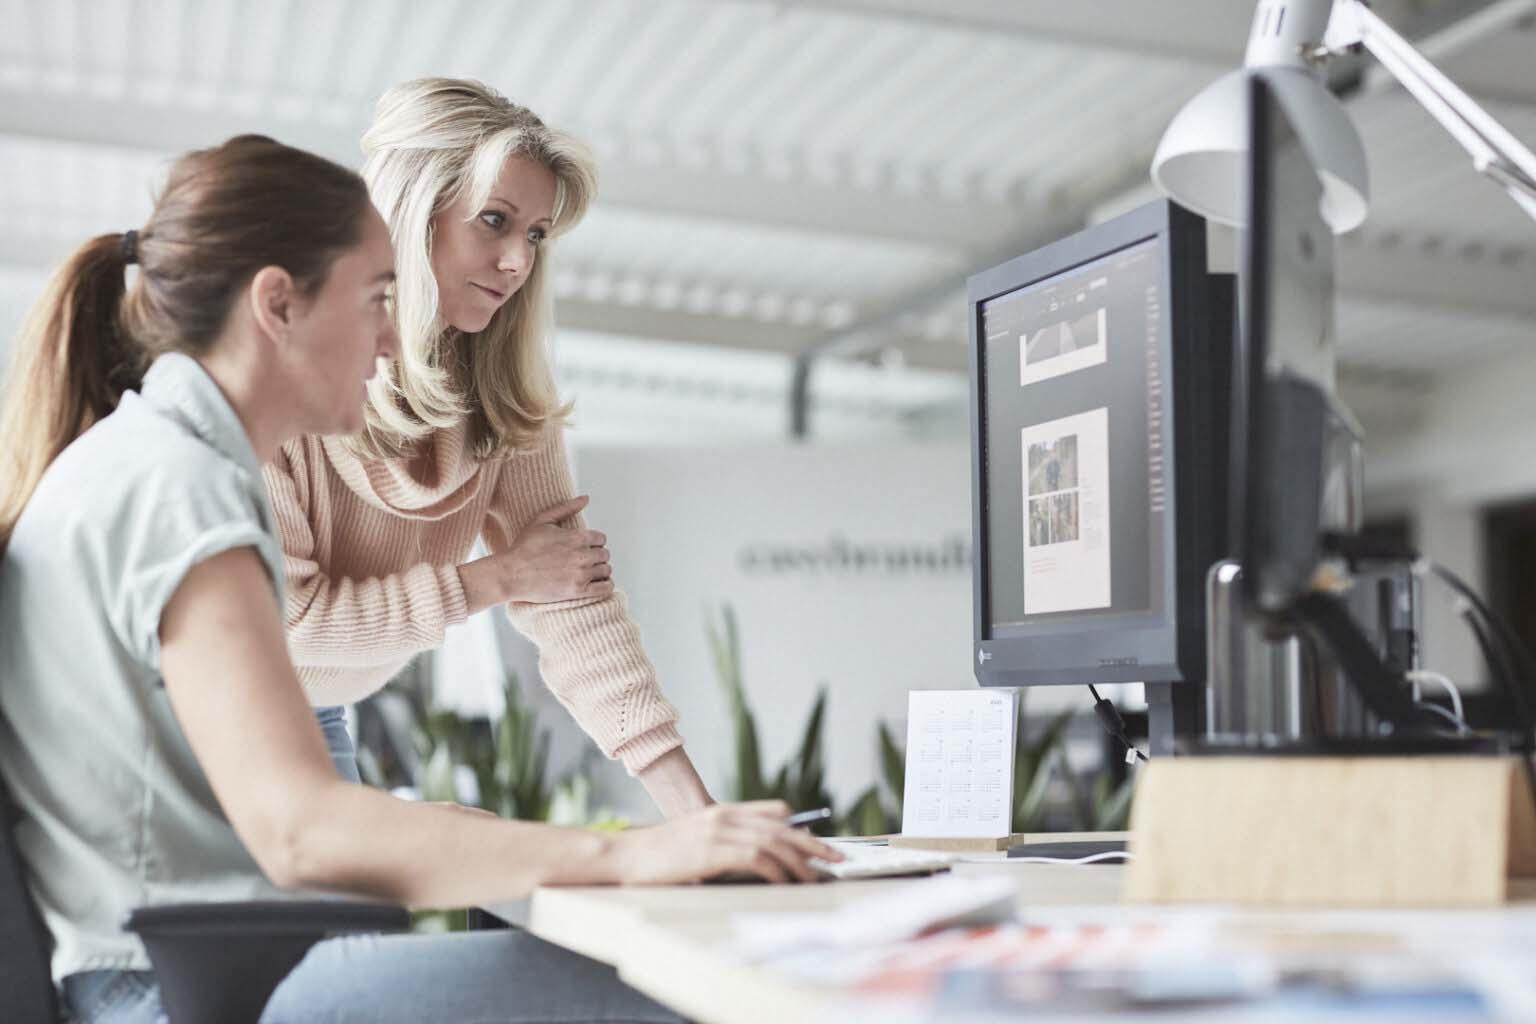 Grafisch design bureau Easybranding Kortrijk voor een sterke merk identiteit